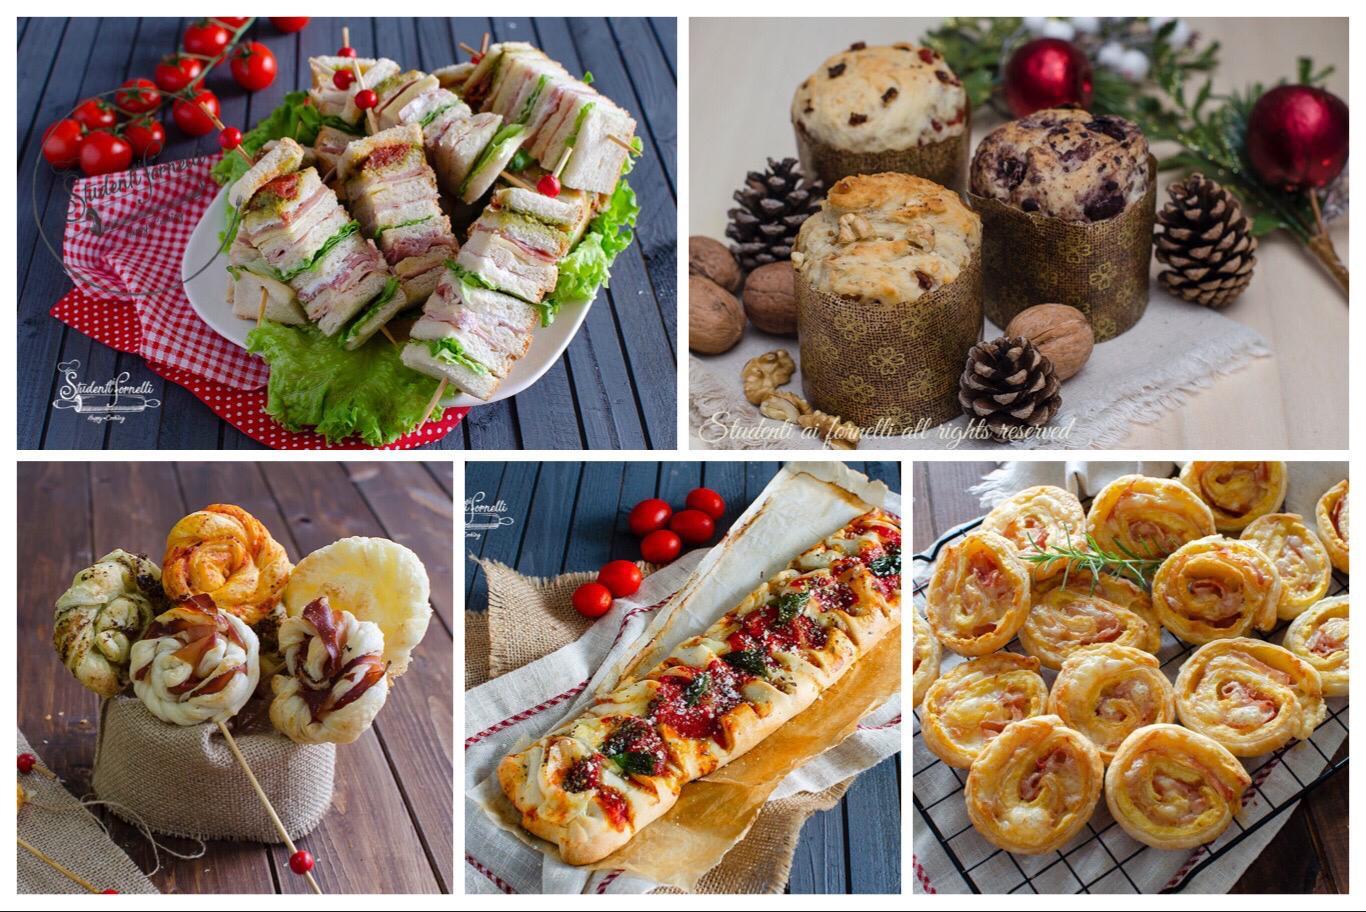 Antipasti Per La Cena Di Natale.12 Antipasti Sfiziosi Per Natale Facilissimi Veloci Troppo Buoni